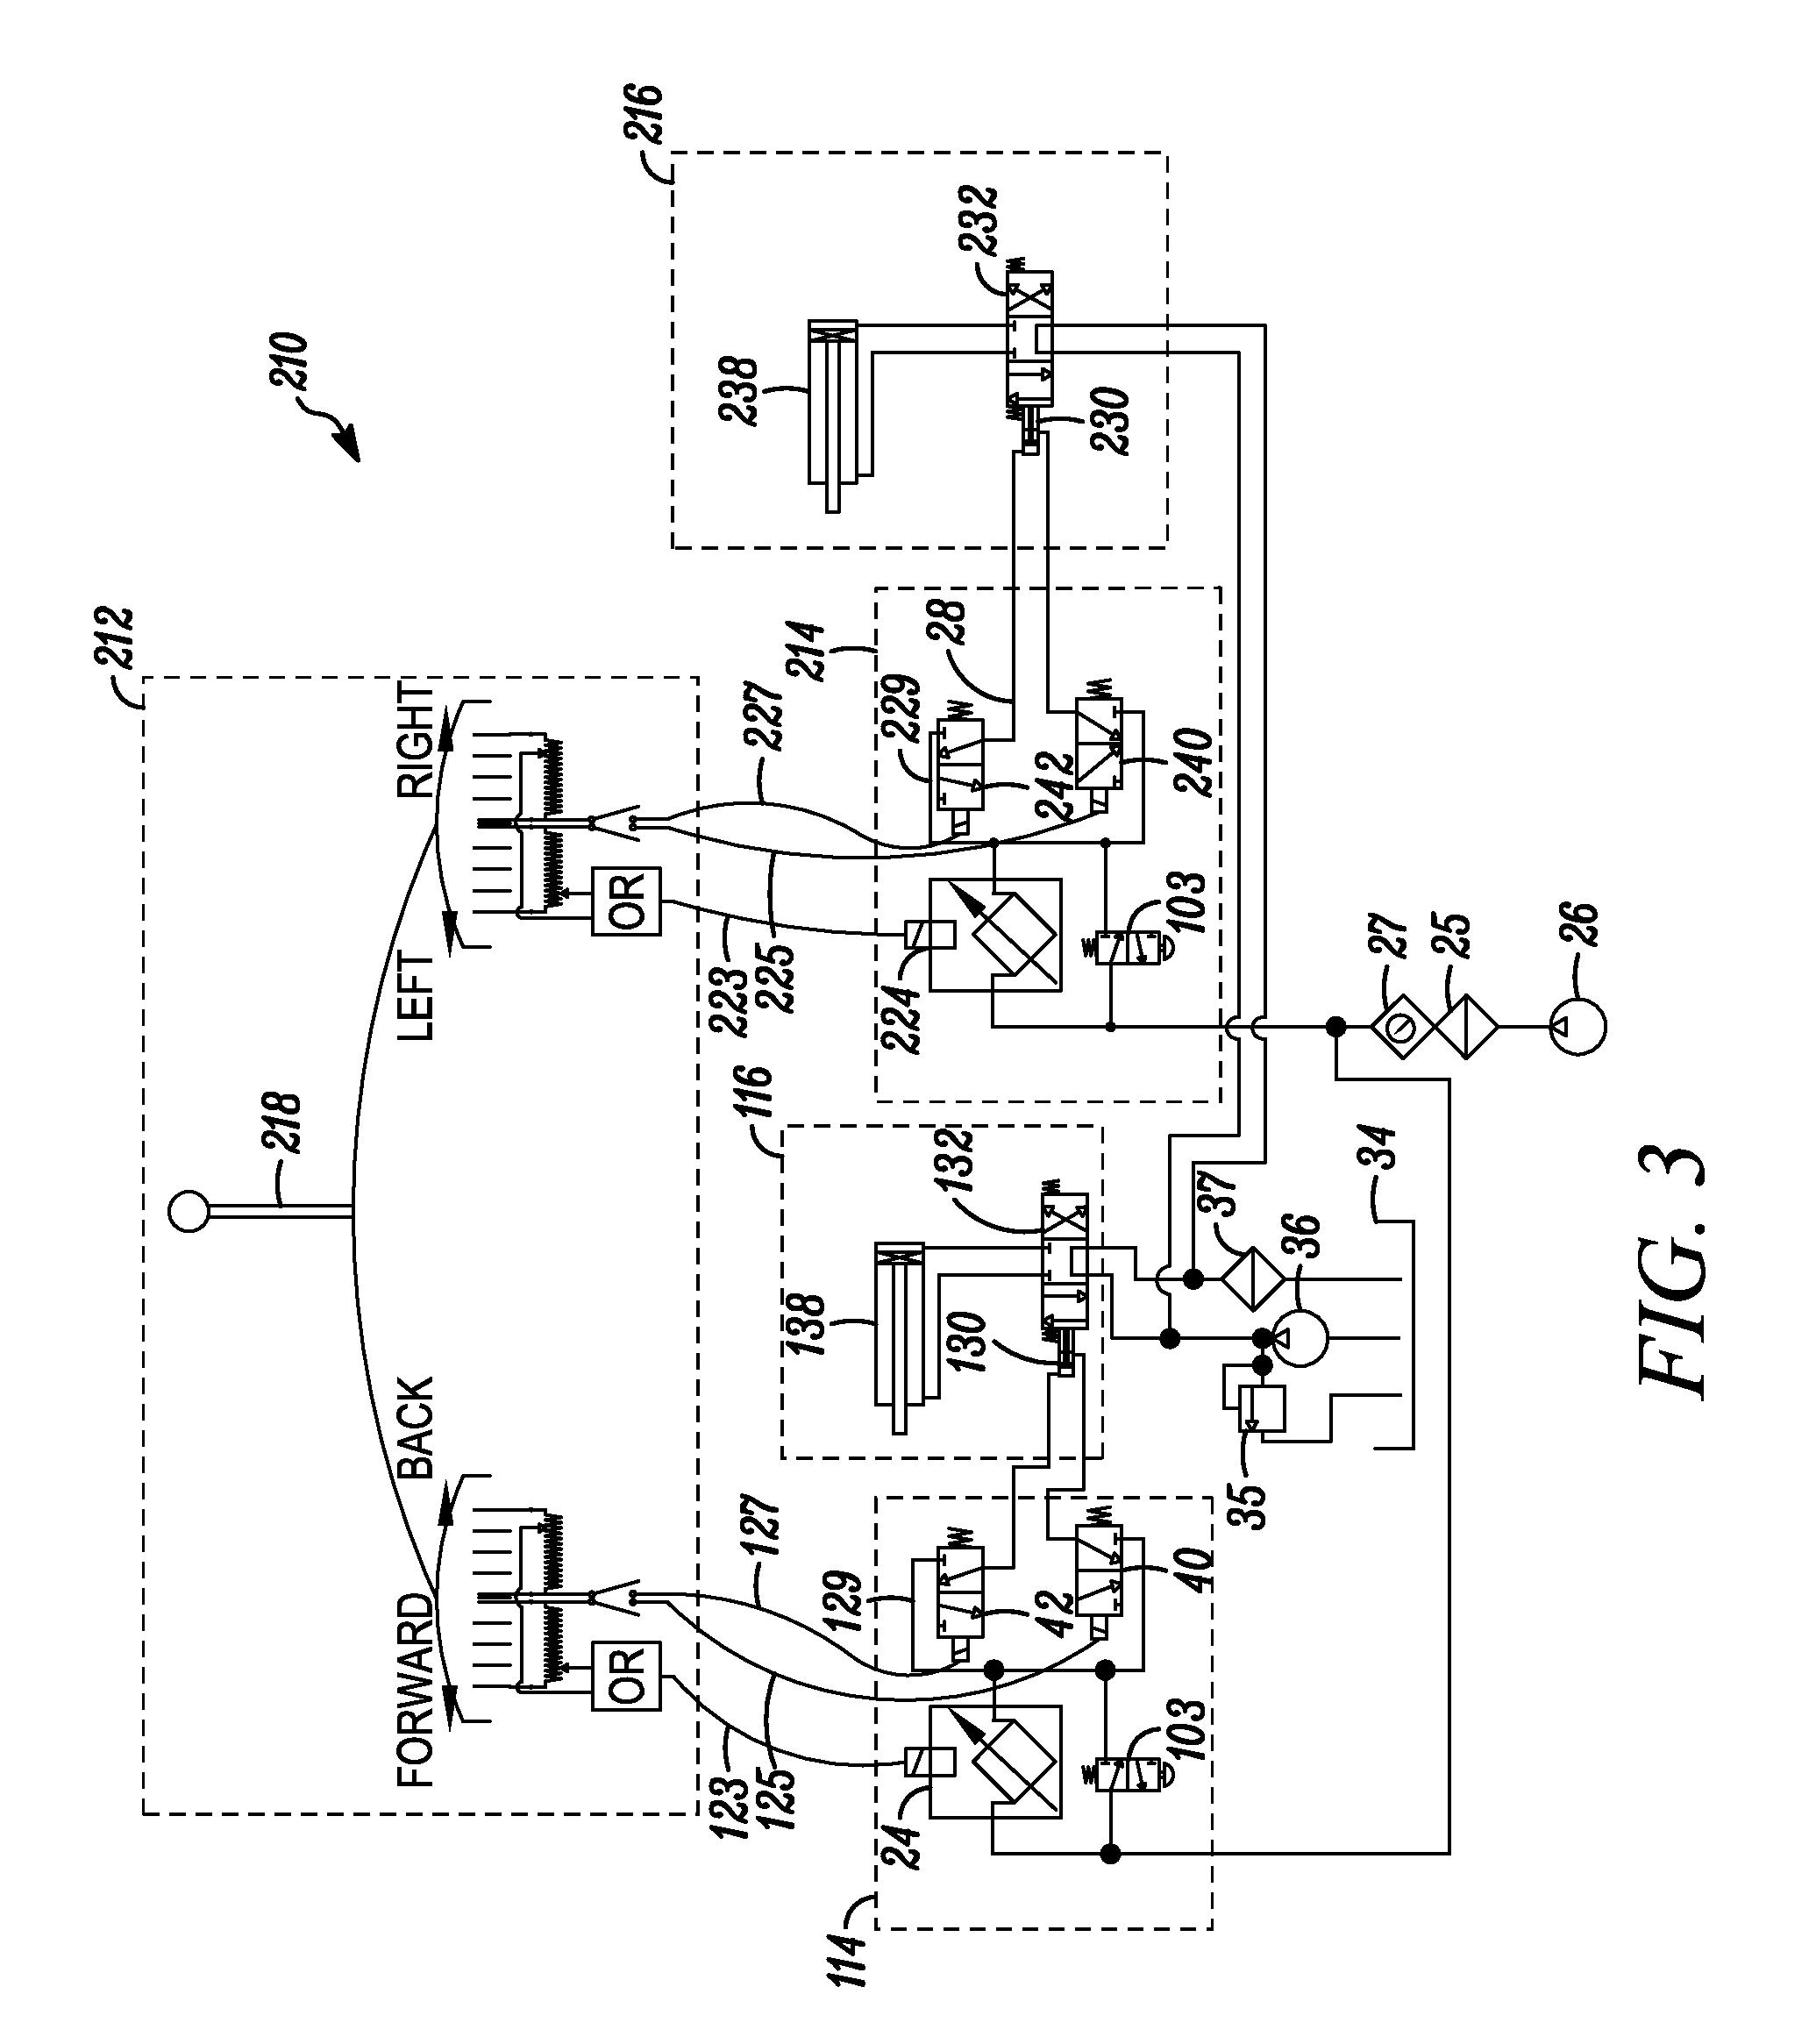 stunning mcneilus wiring schematic ideas best image wiring diagram